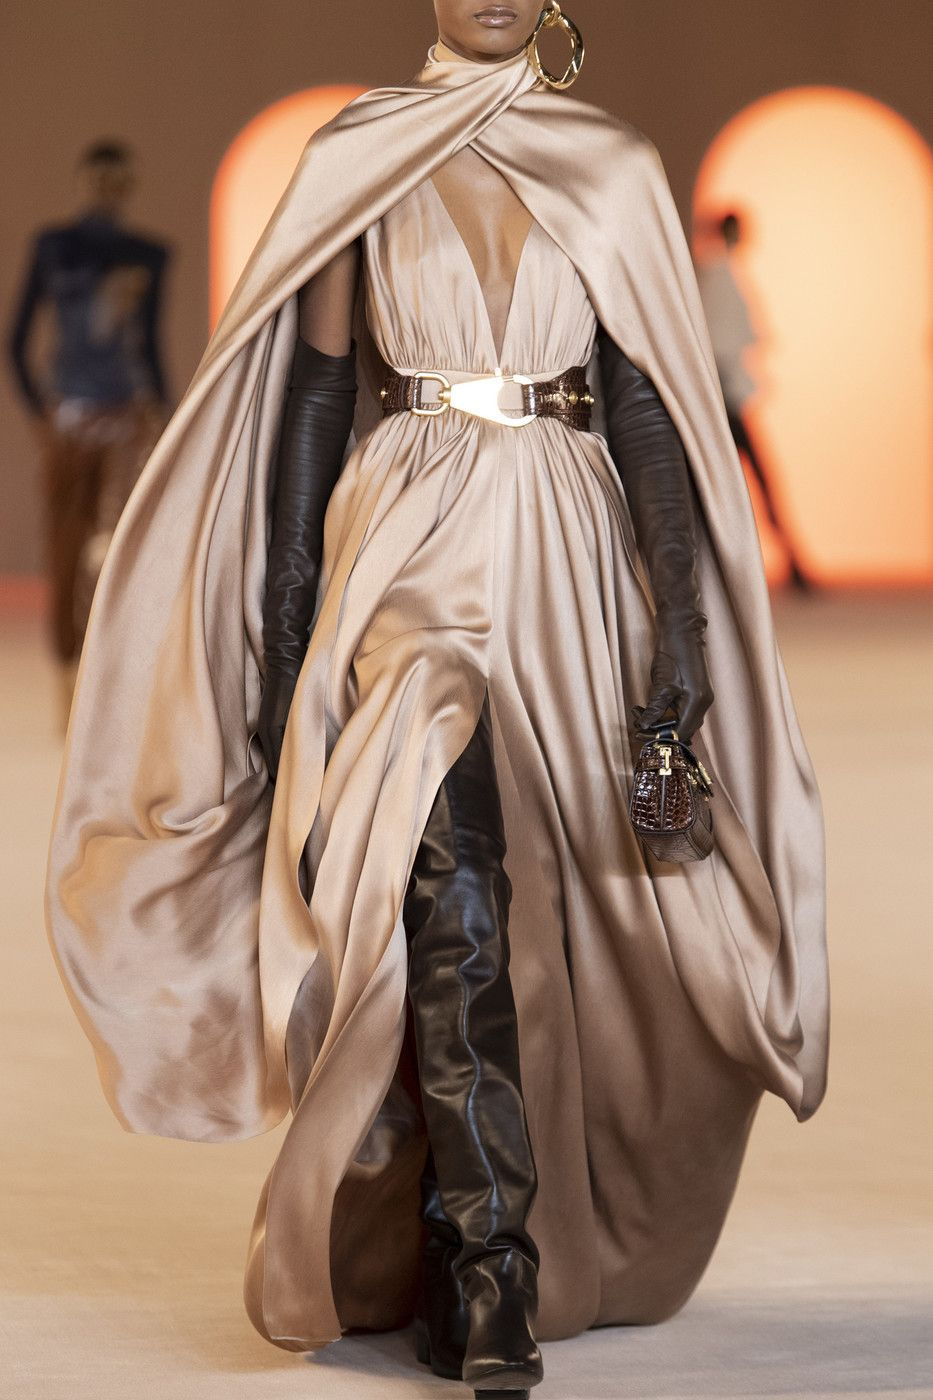 Juilletdeux Balmain Fall Winter 2020 In 2020 Fashion Runway Fashion Paris Fashion Week